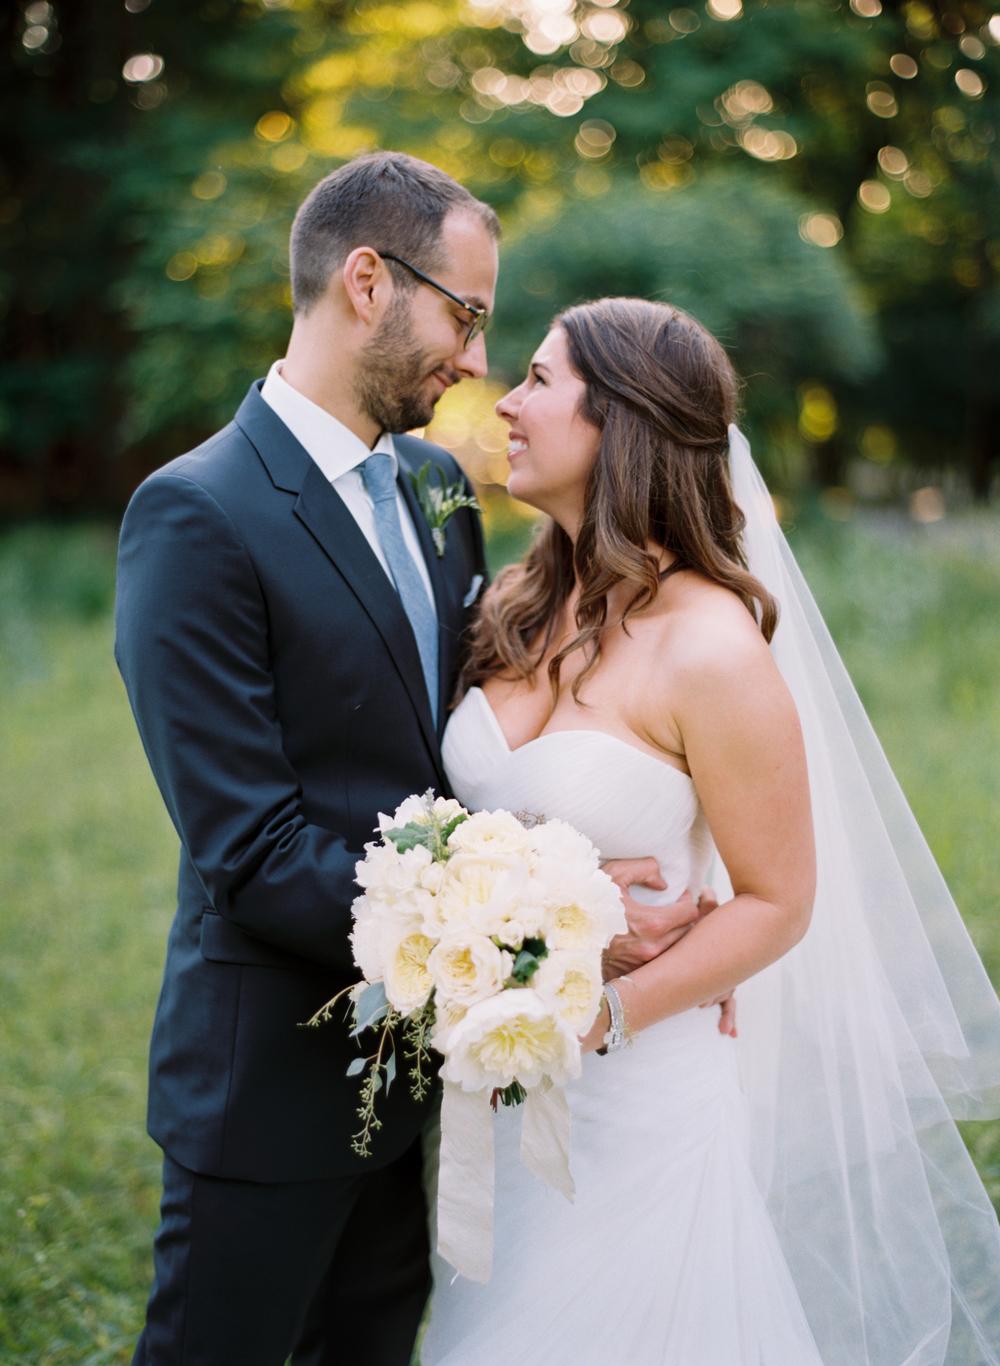 italian american couple maryland wedding